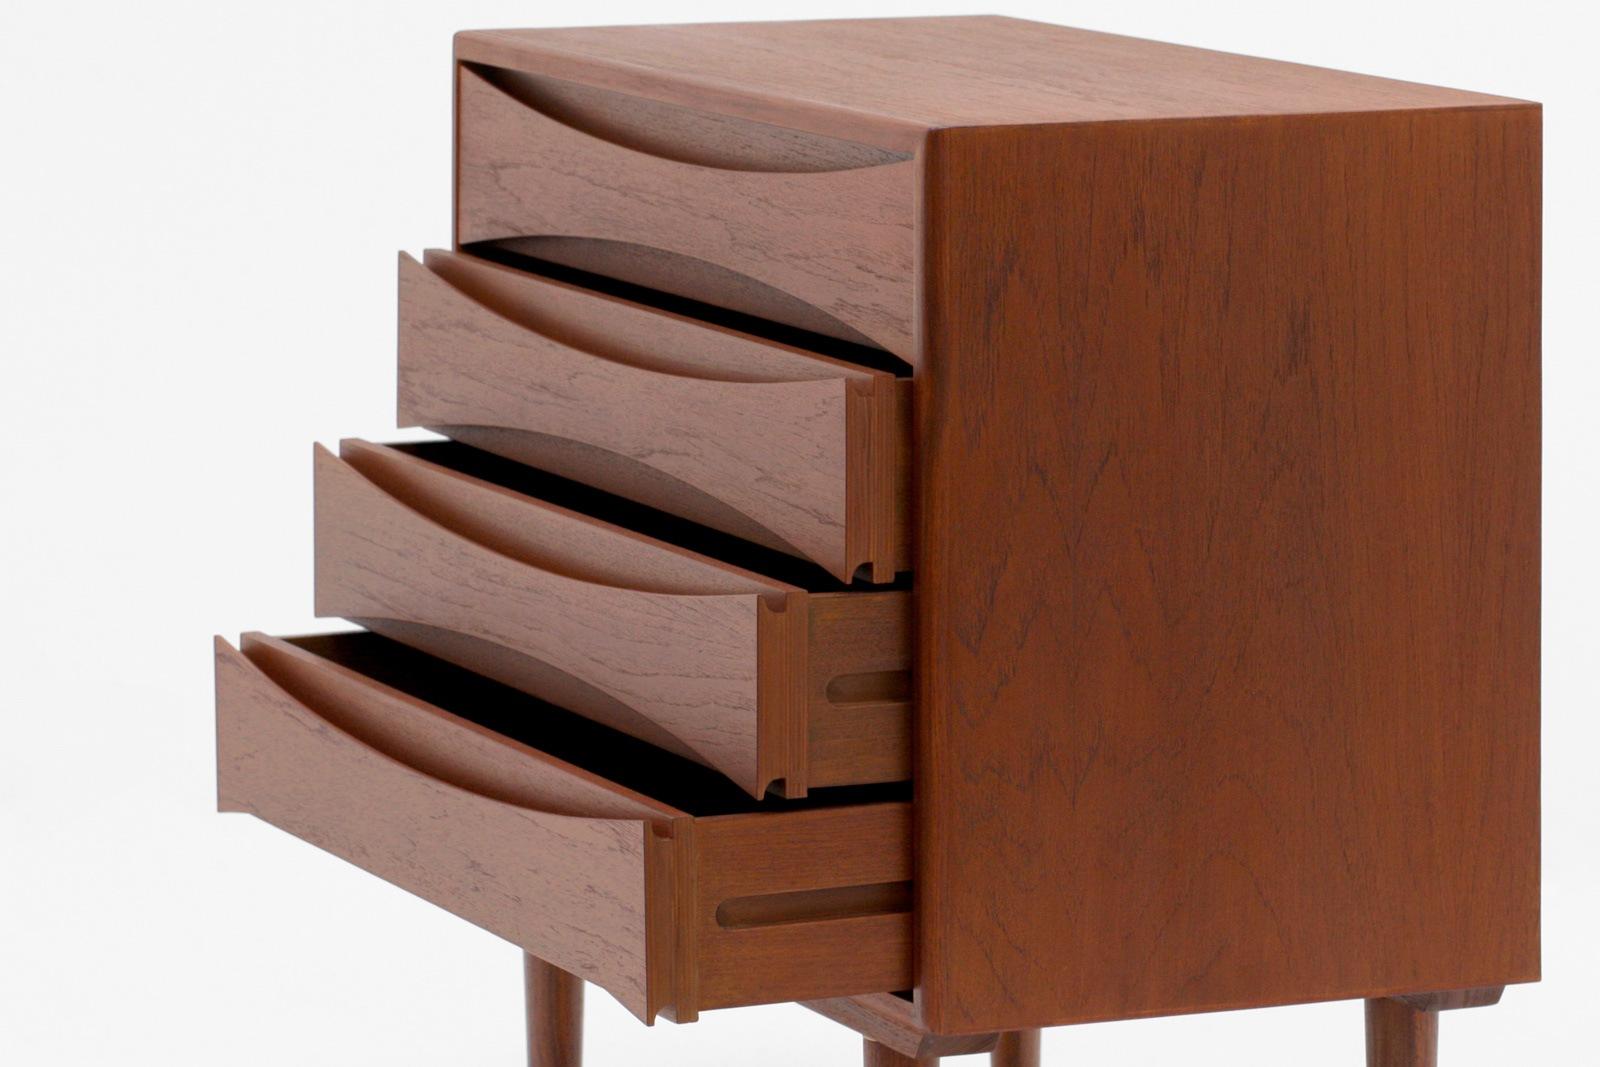 北欧,デザイン,家具,クロッケン,チーク材,4段,チェスト